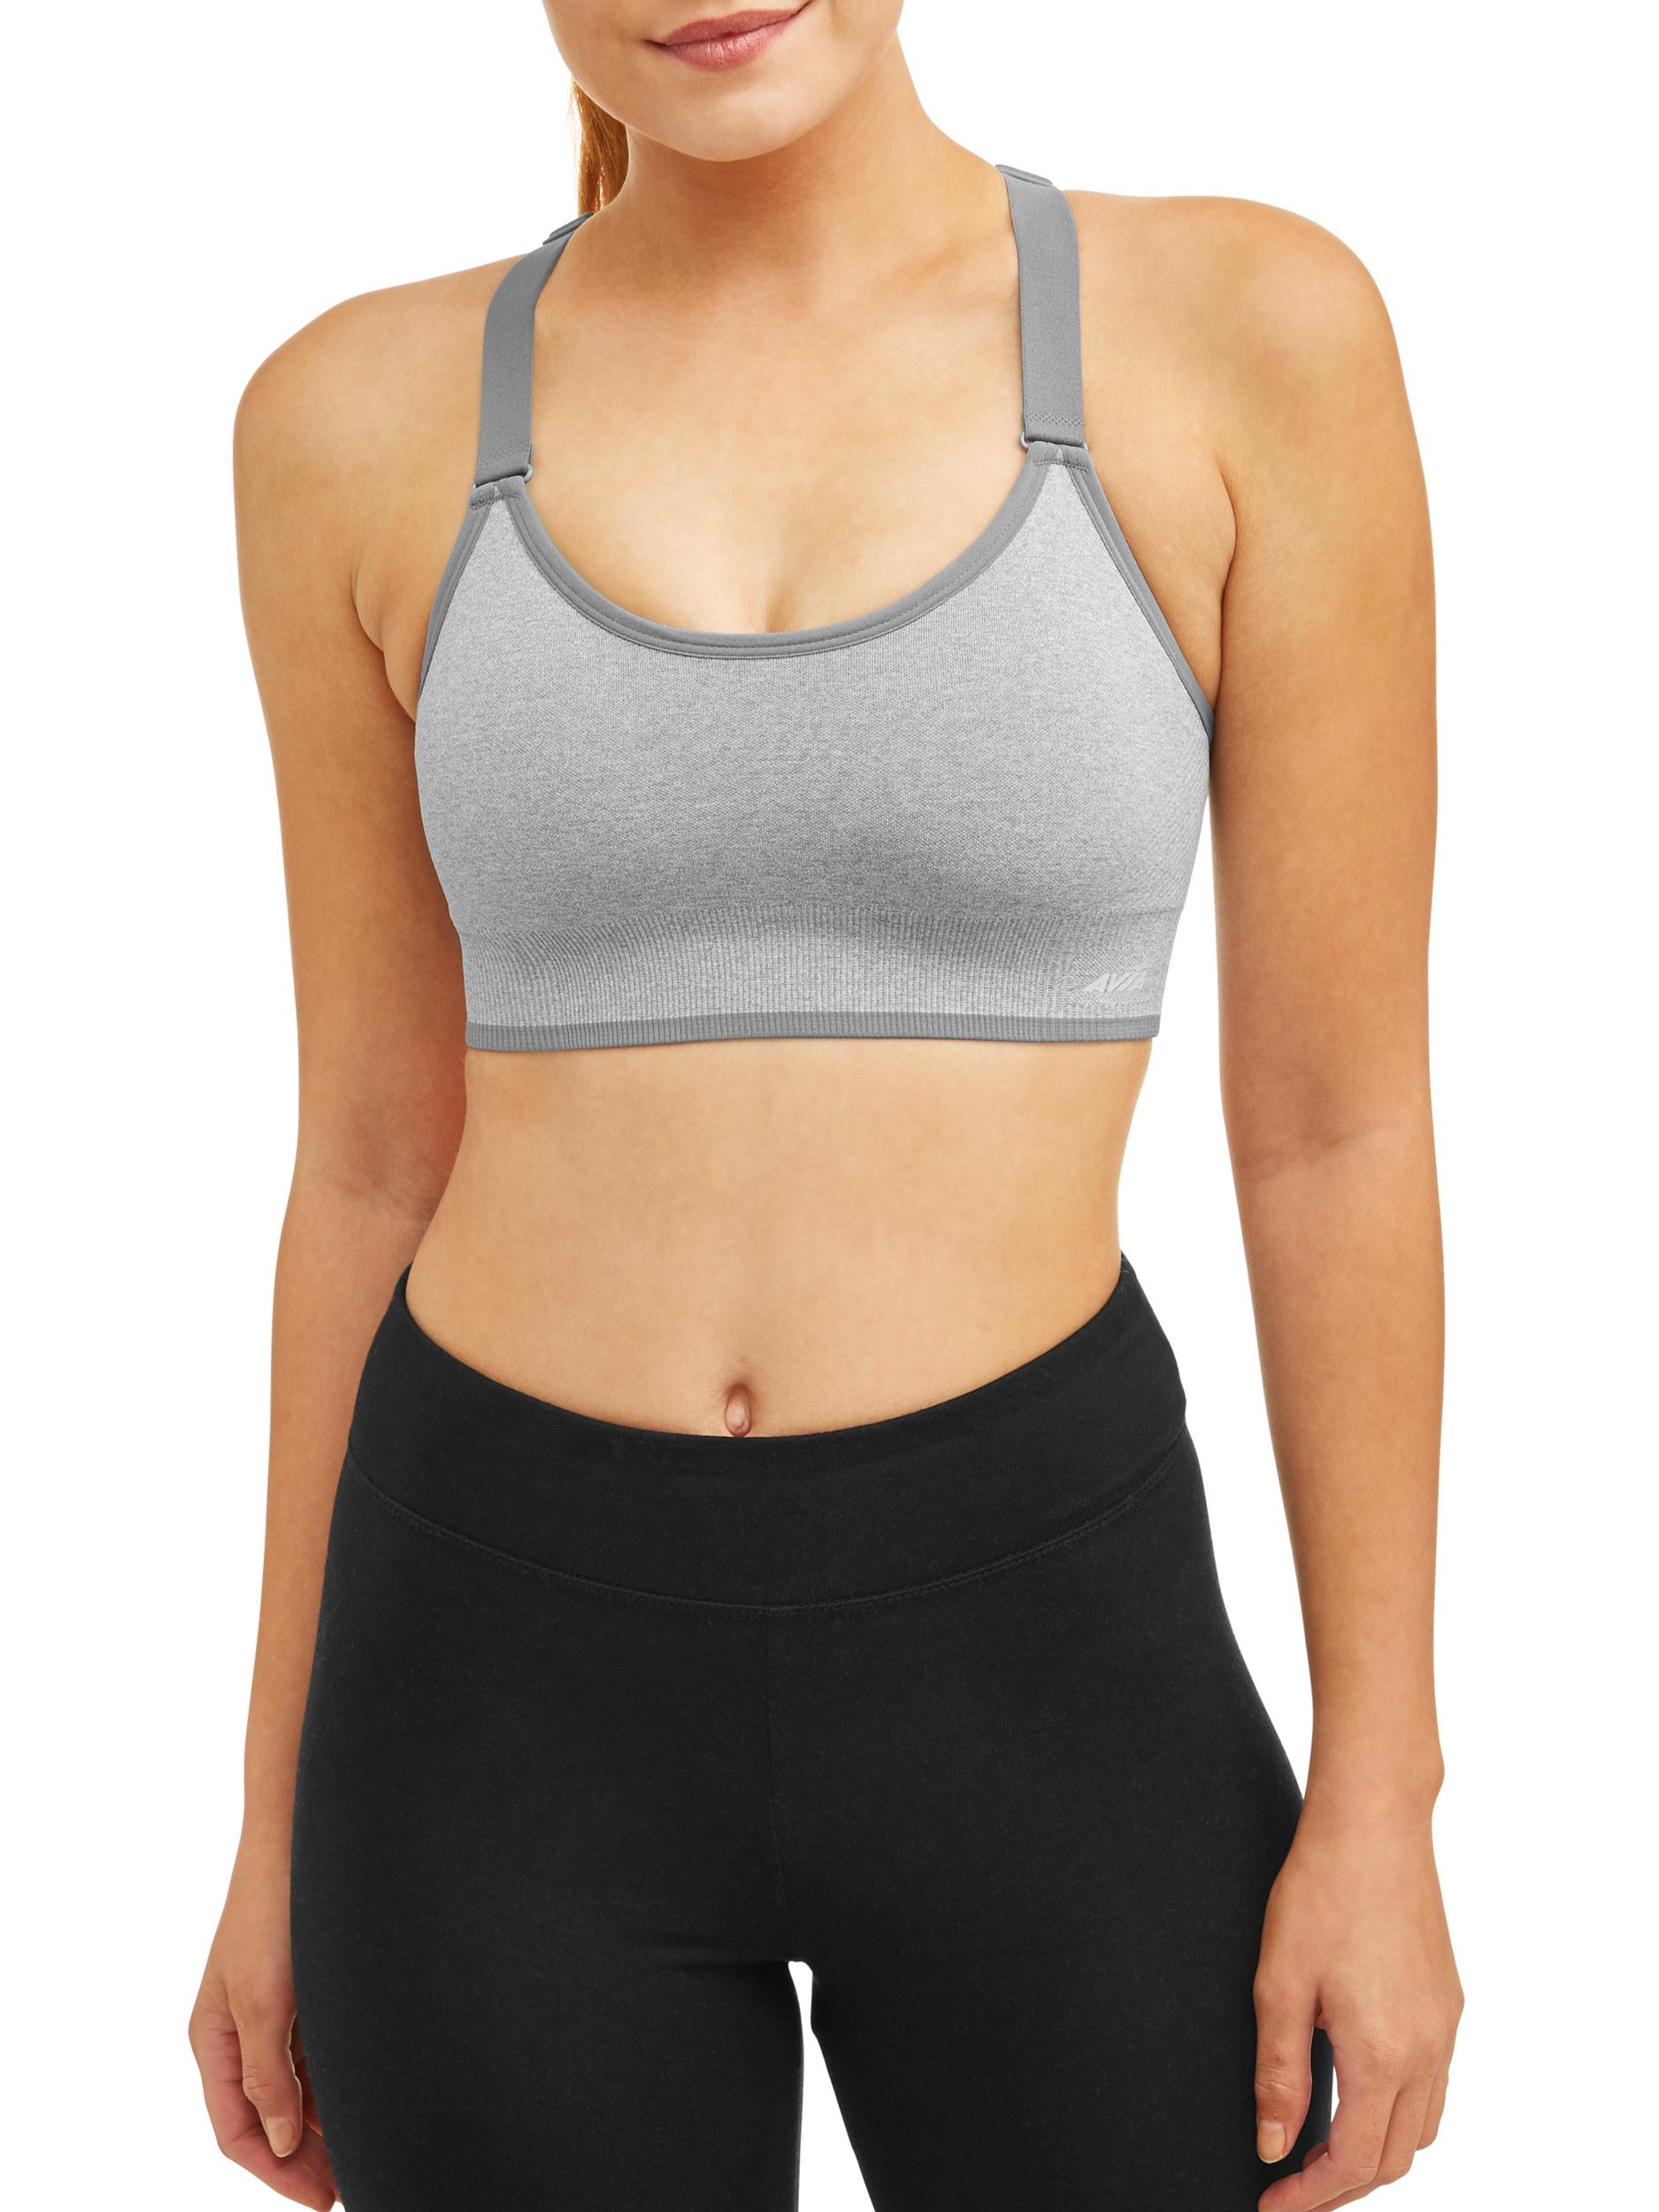 model wearing light gray sports bra